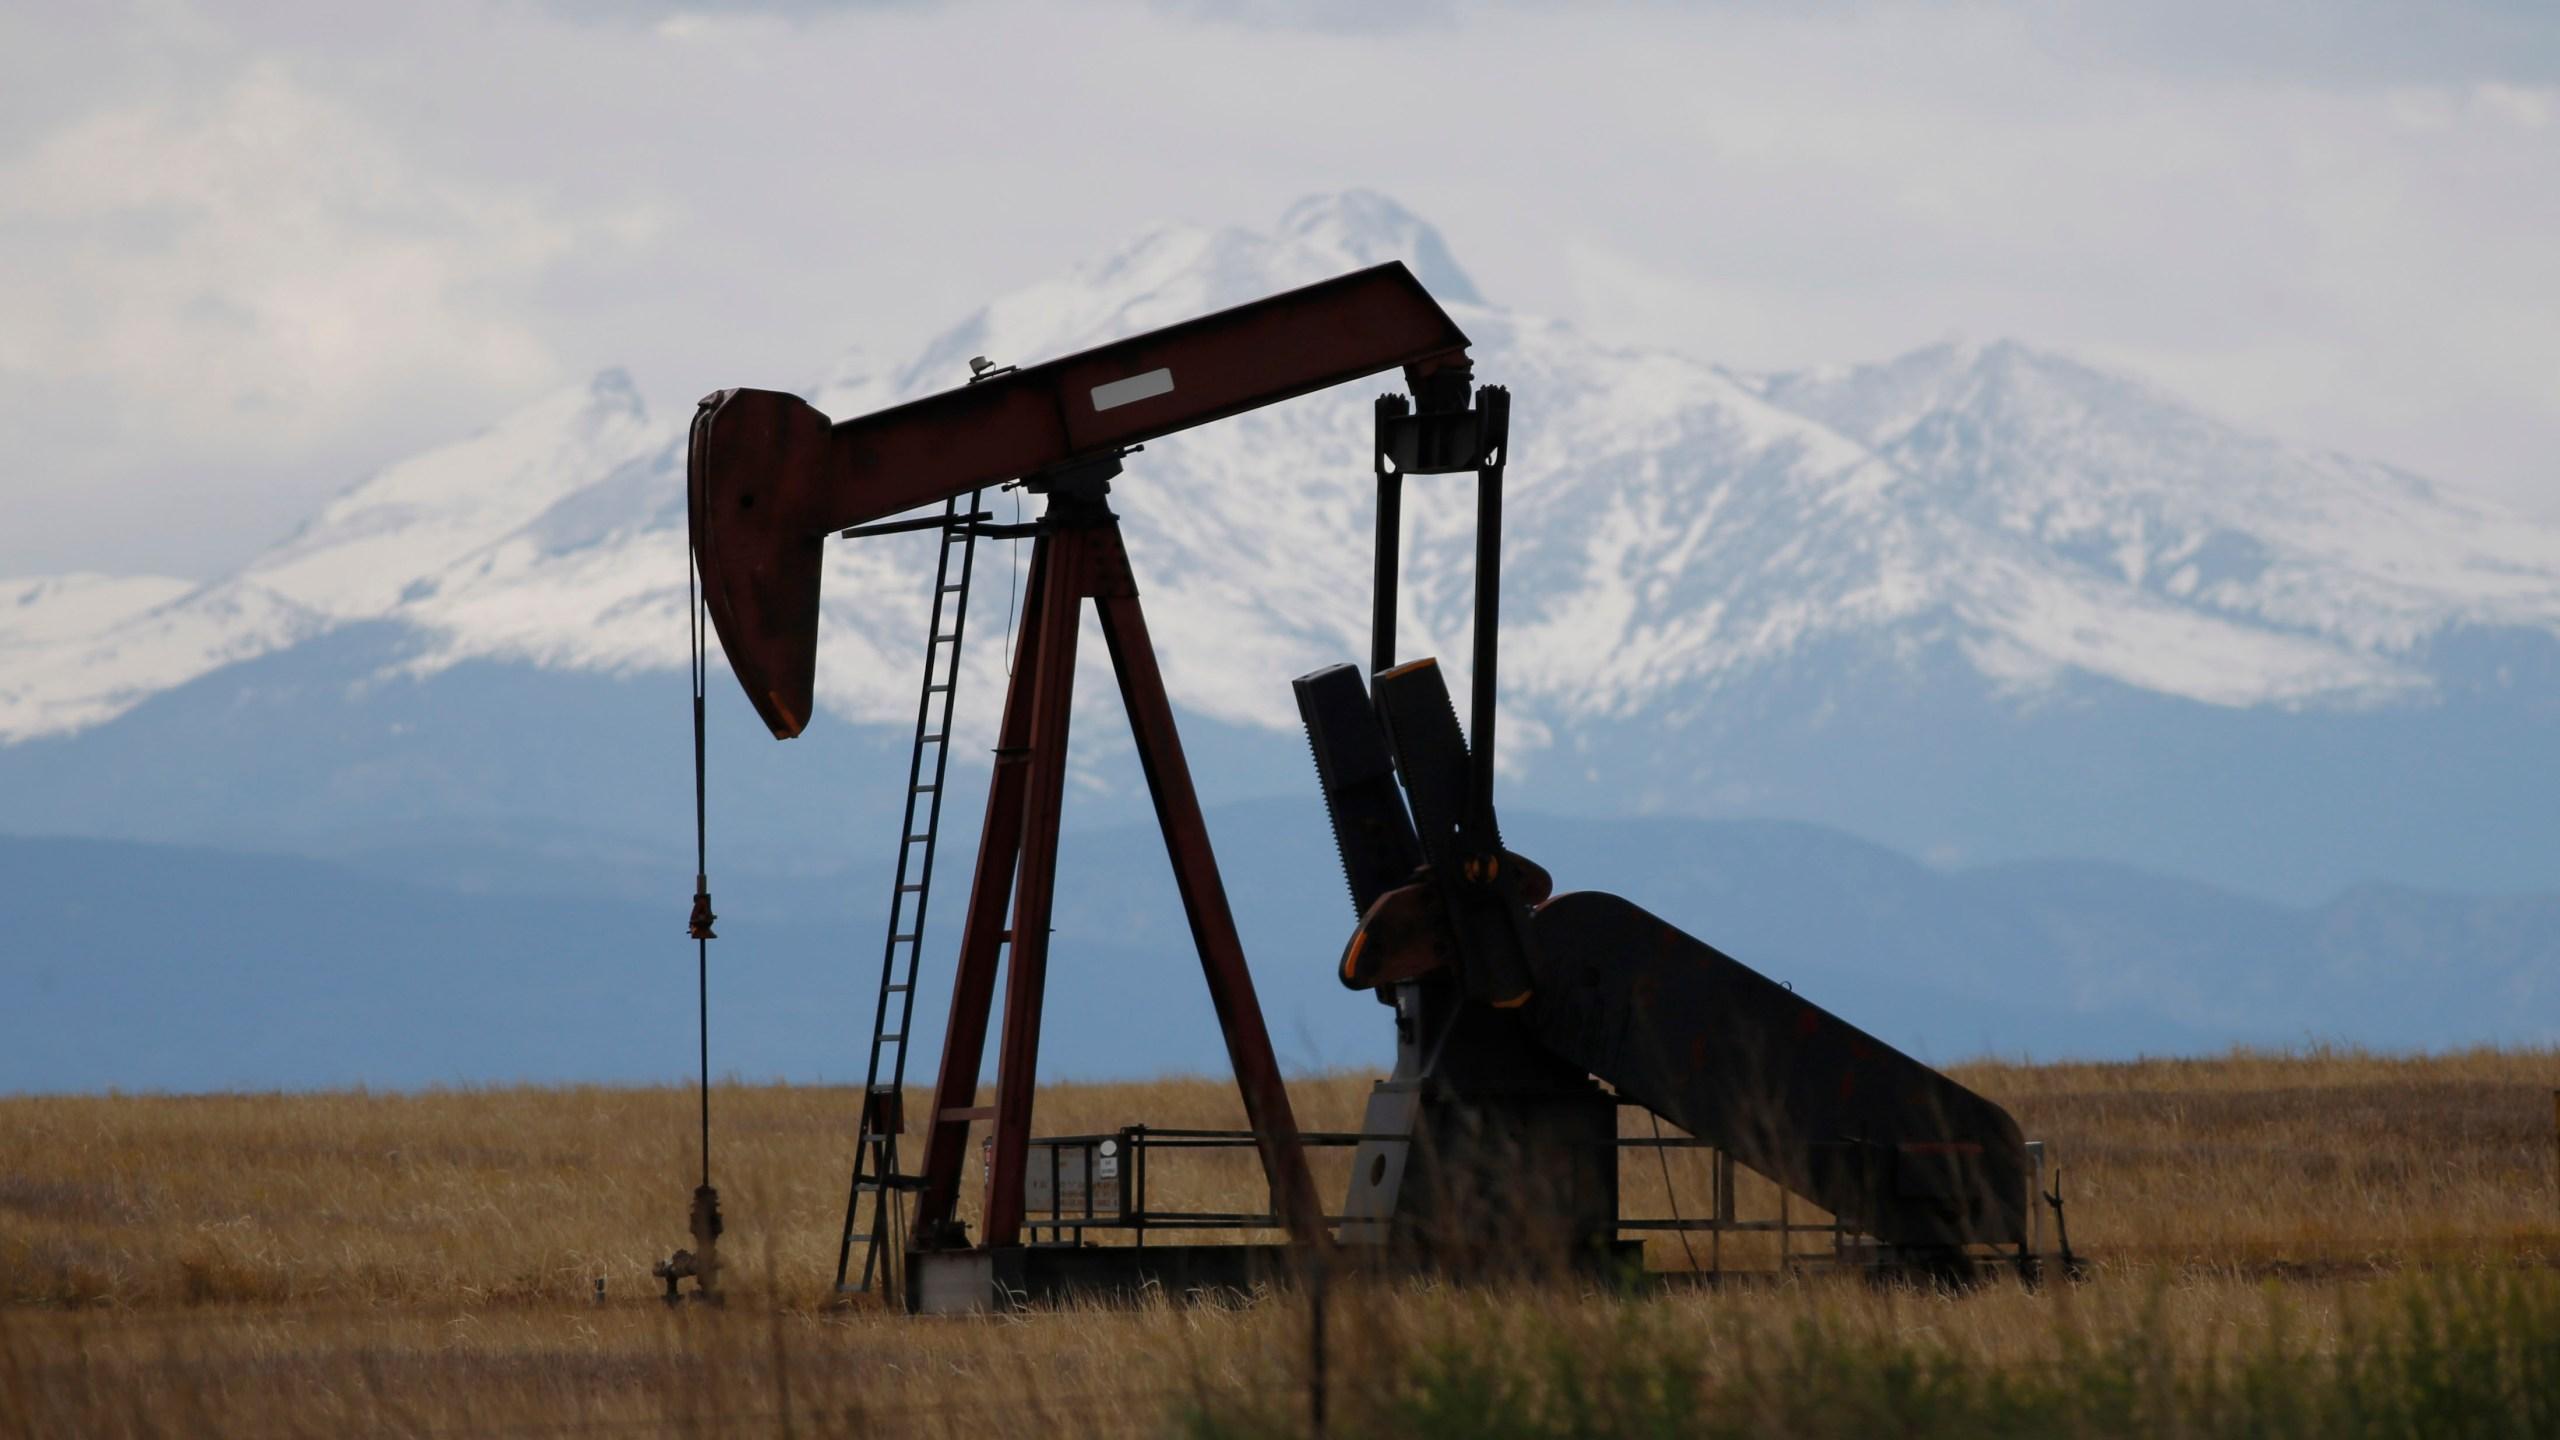 Fracking_Colorado_98277-159532.jpg20728427